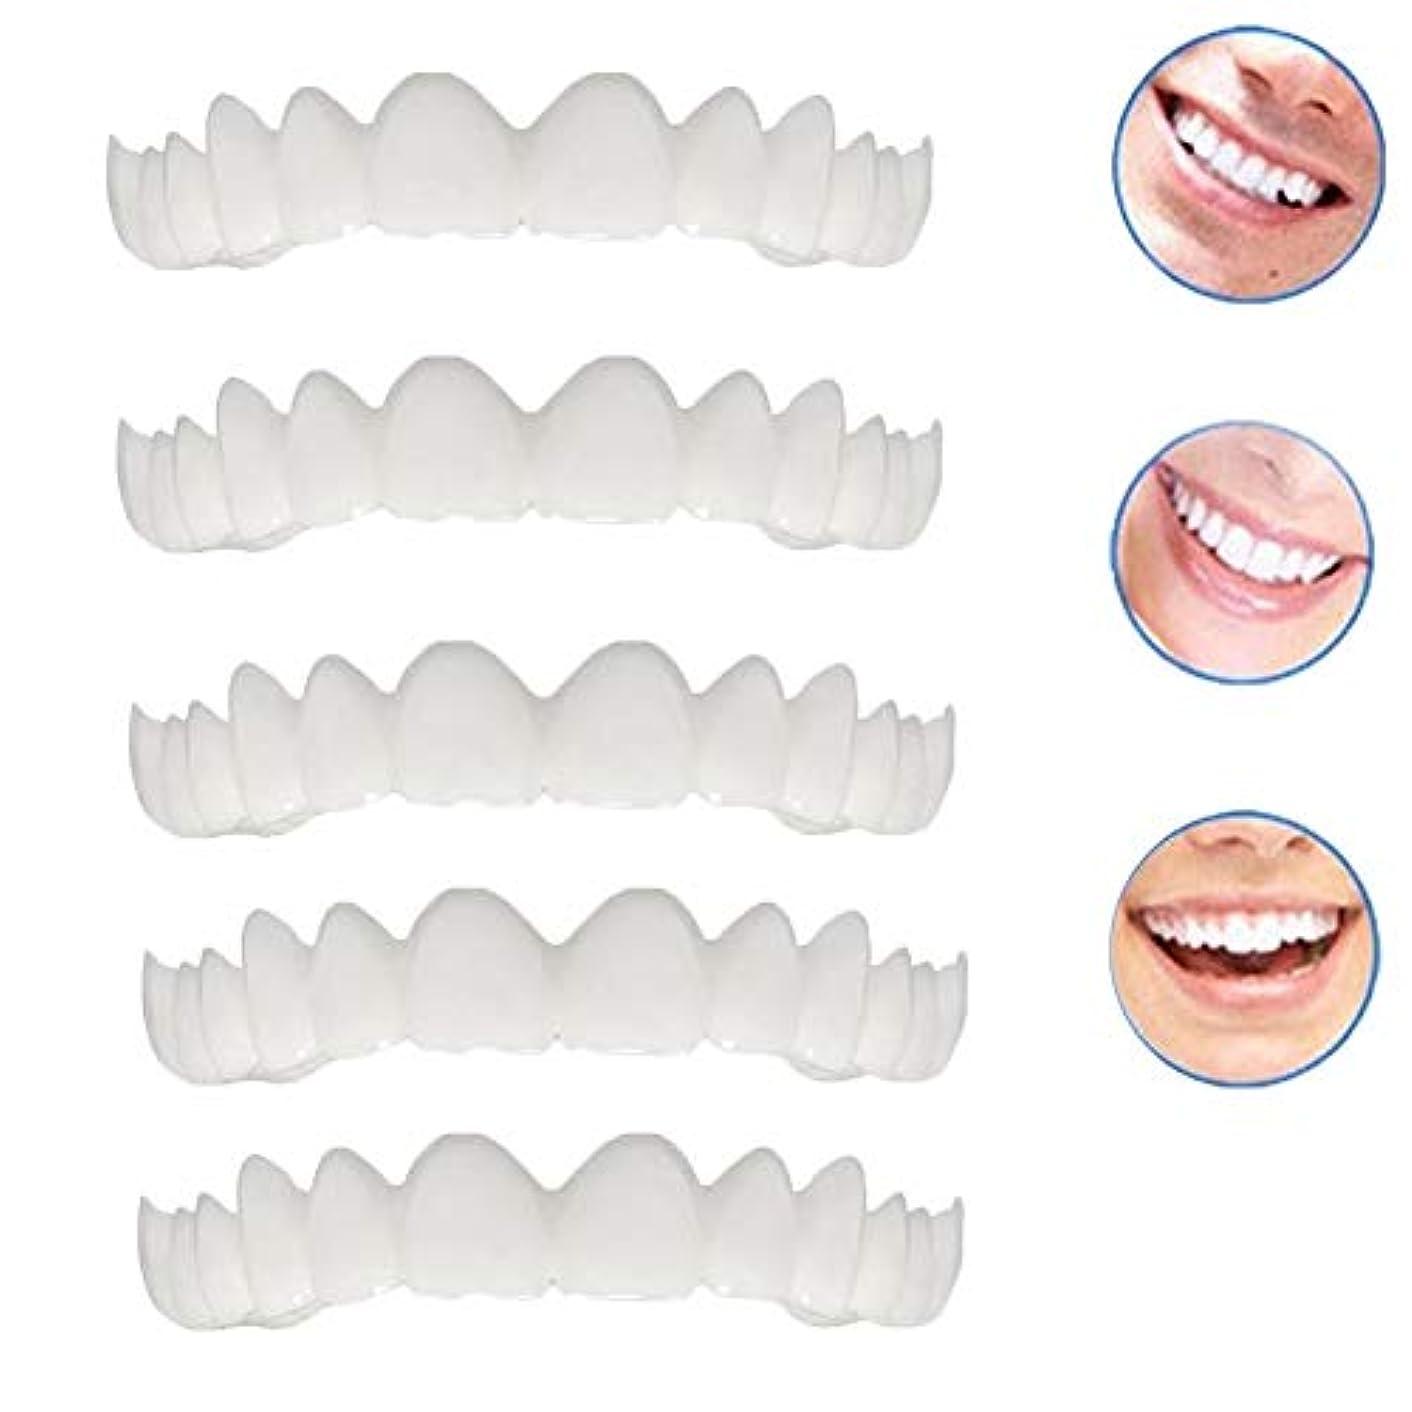 溝スイズボンブレース、5枚の一時的な笑顔、快適なステッカー、義歯、歯、化粧用ステッカー(上の歯)